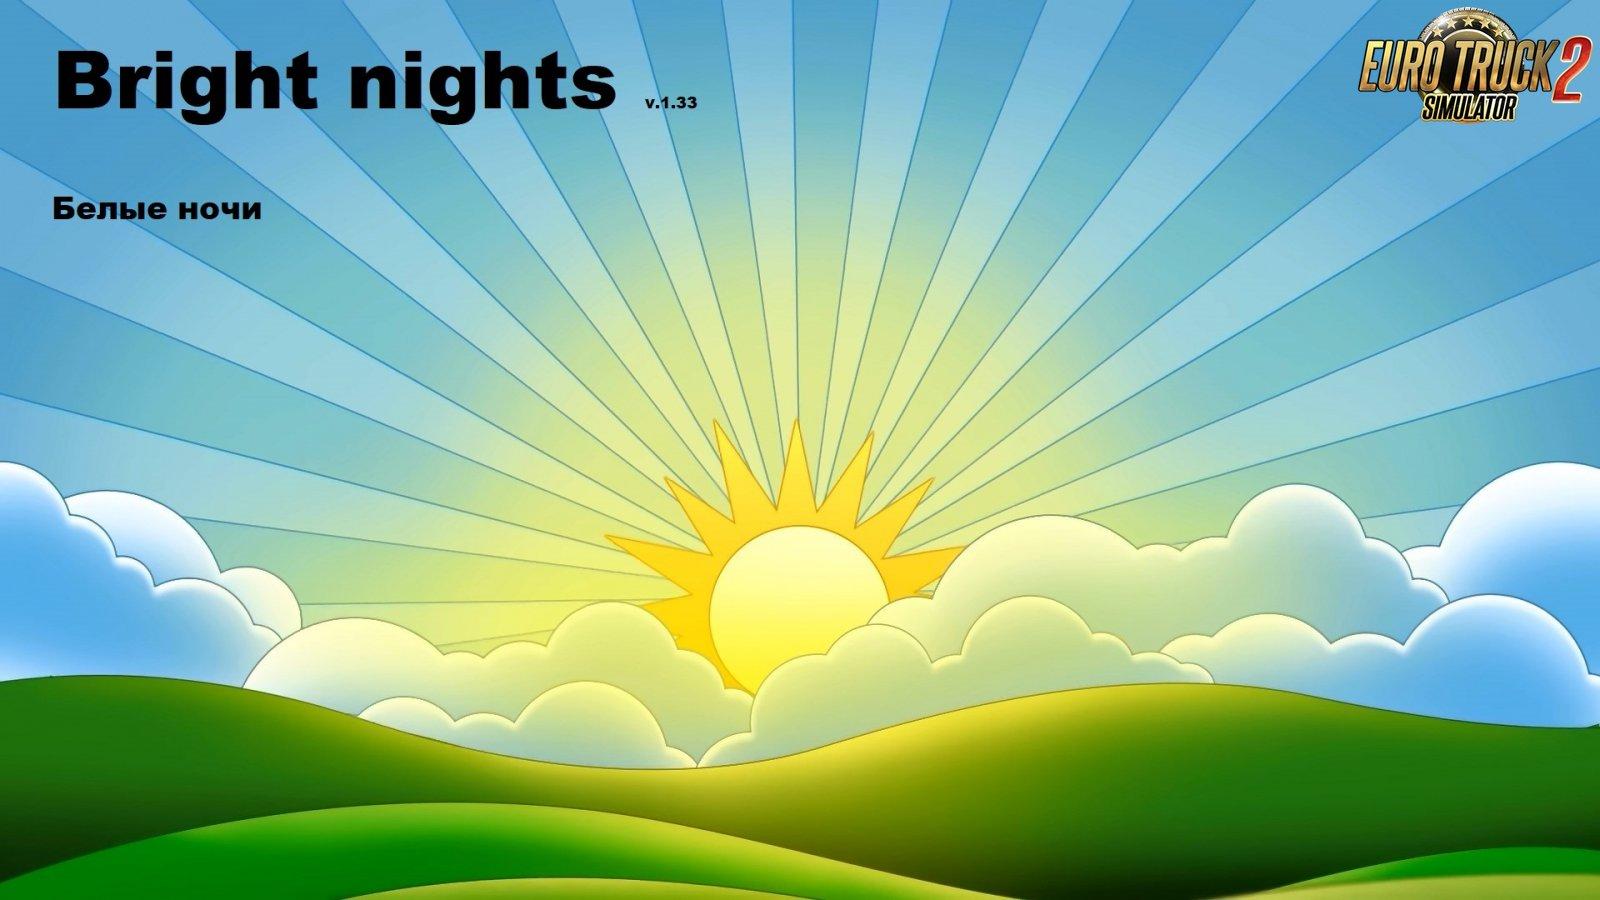 Bright nights HDR Mod v1.0 (v1.33.x) for ETS2